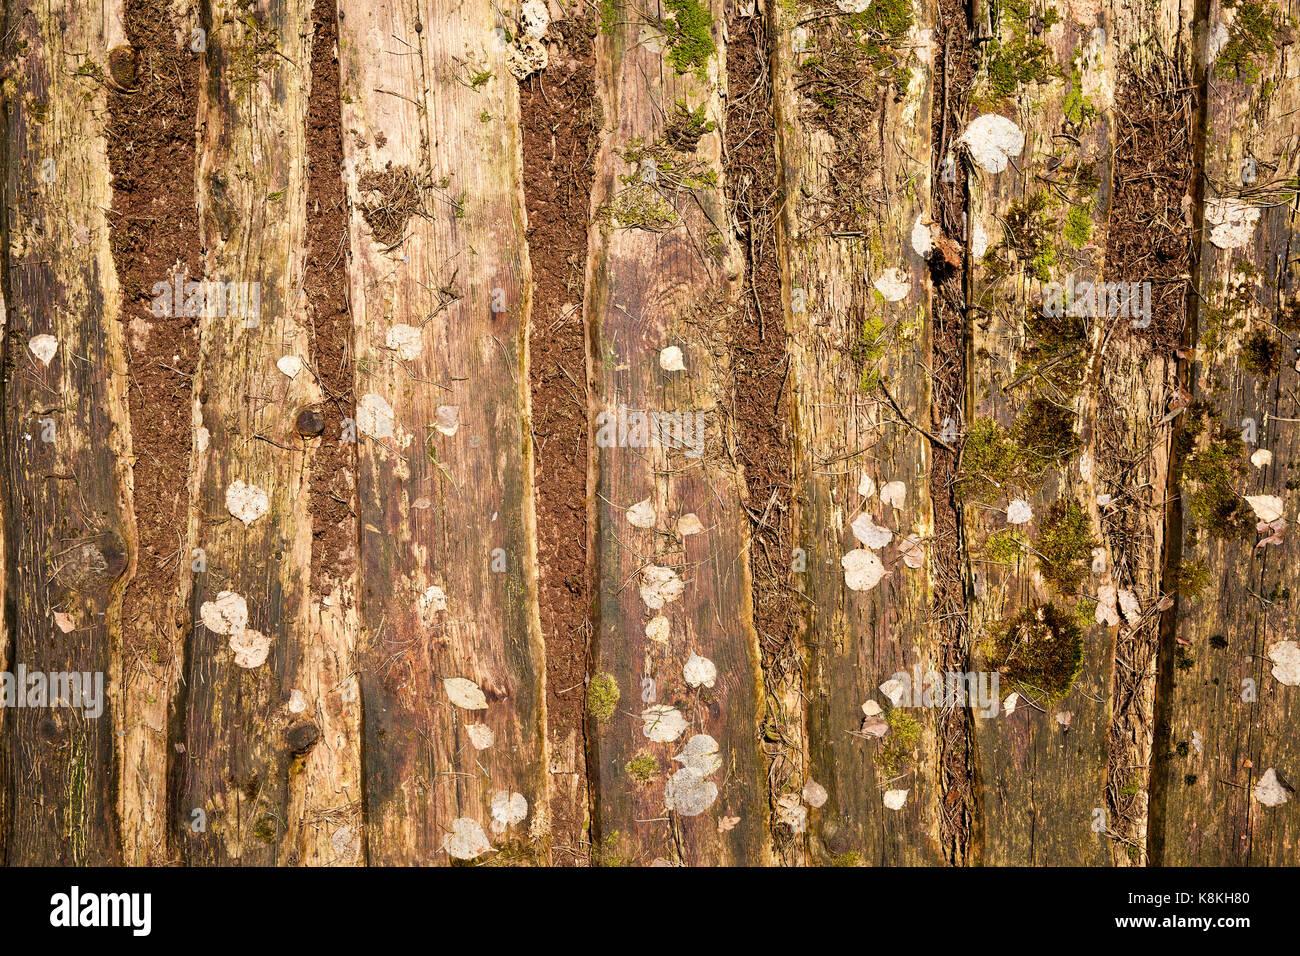 Fußboden Aus Alten Ziegeln ~ Schöne alte fußboden aus holz. der boden liegt zwischen der schaufel